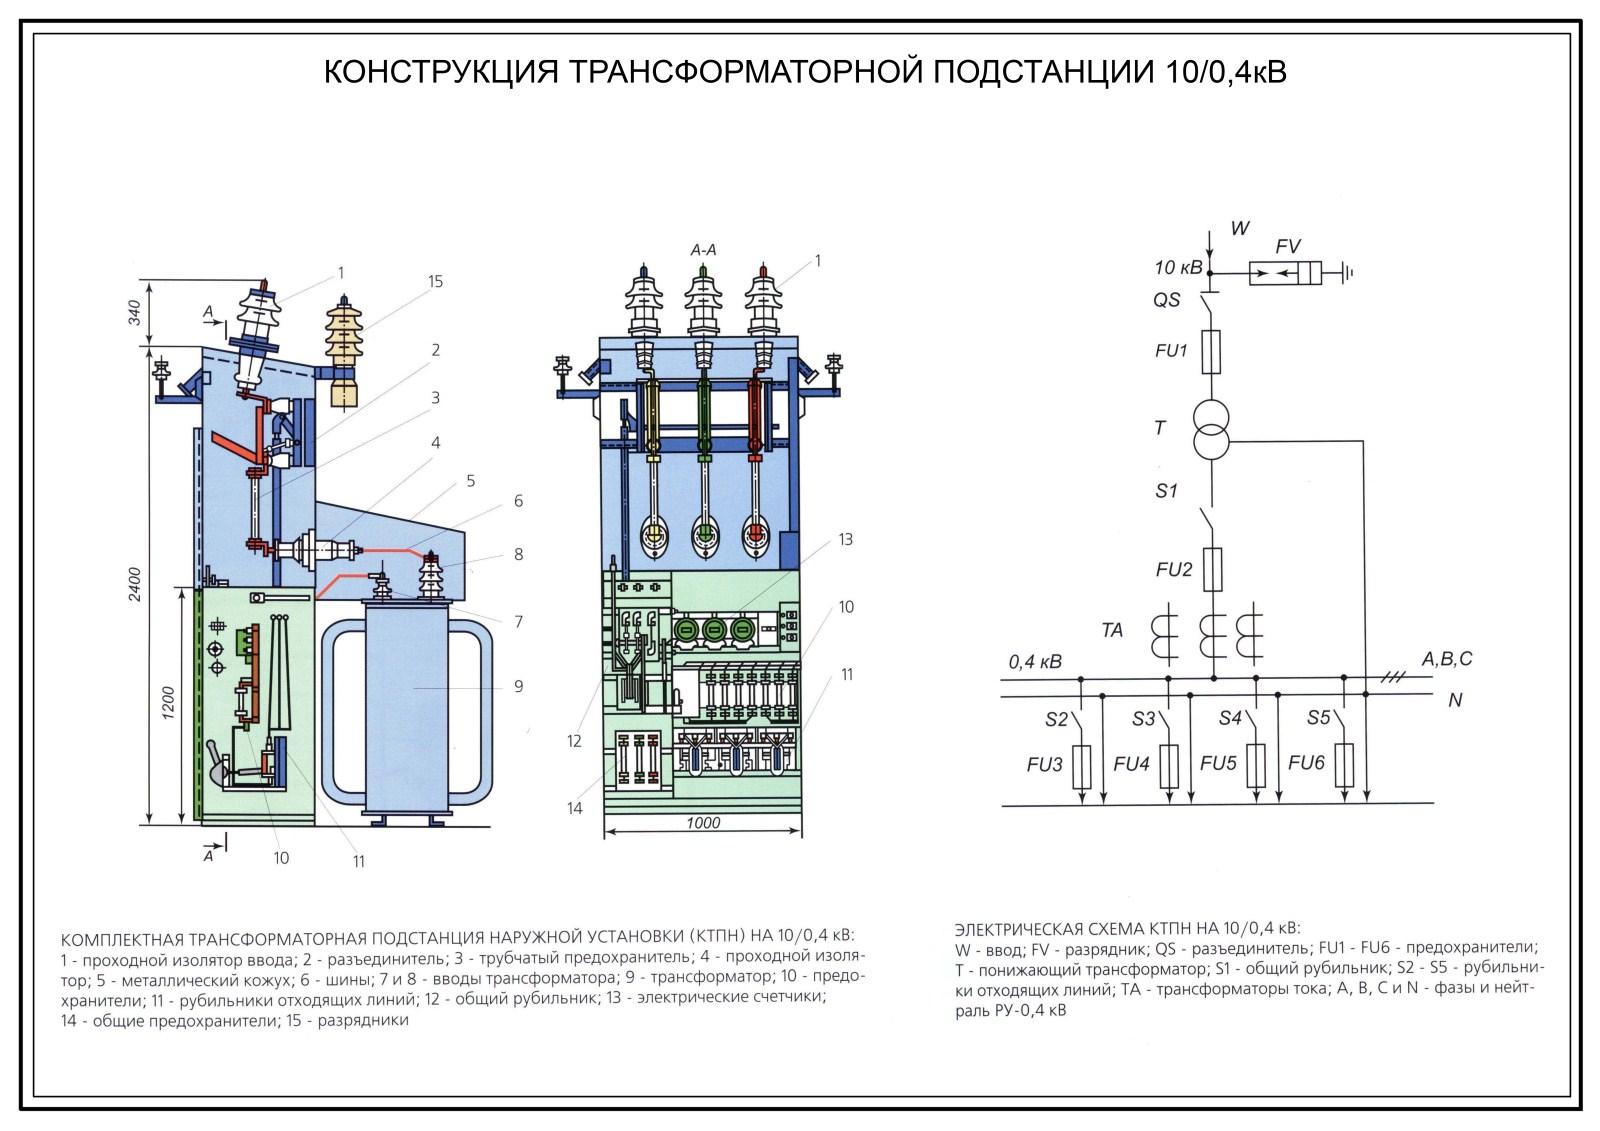 Комплектные трансформаторные подстанции ктп схемы